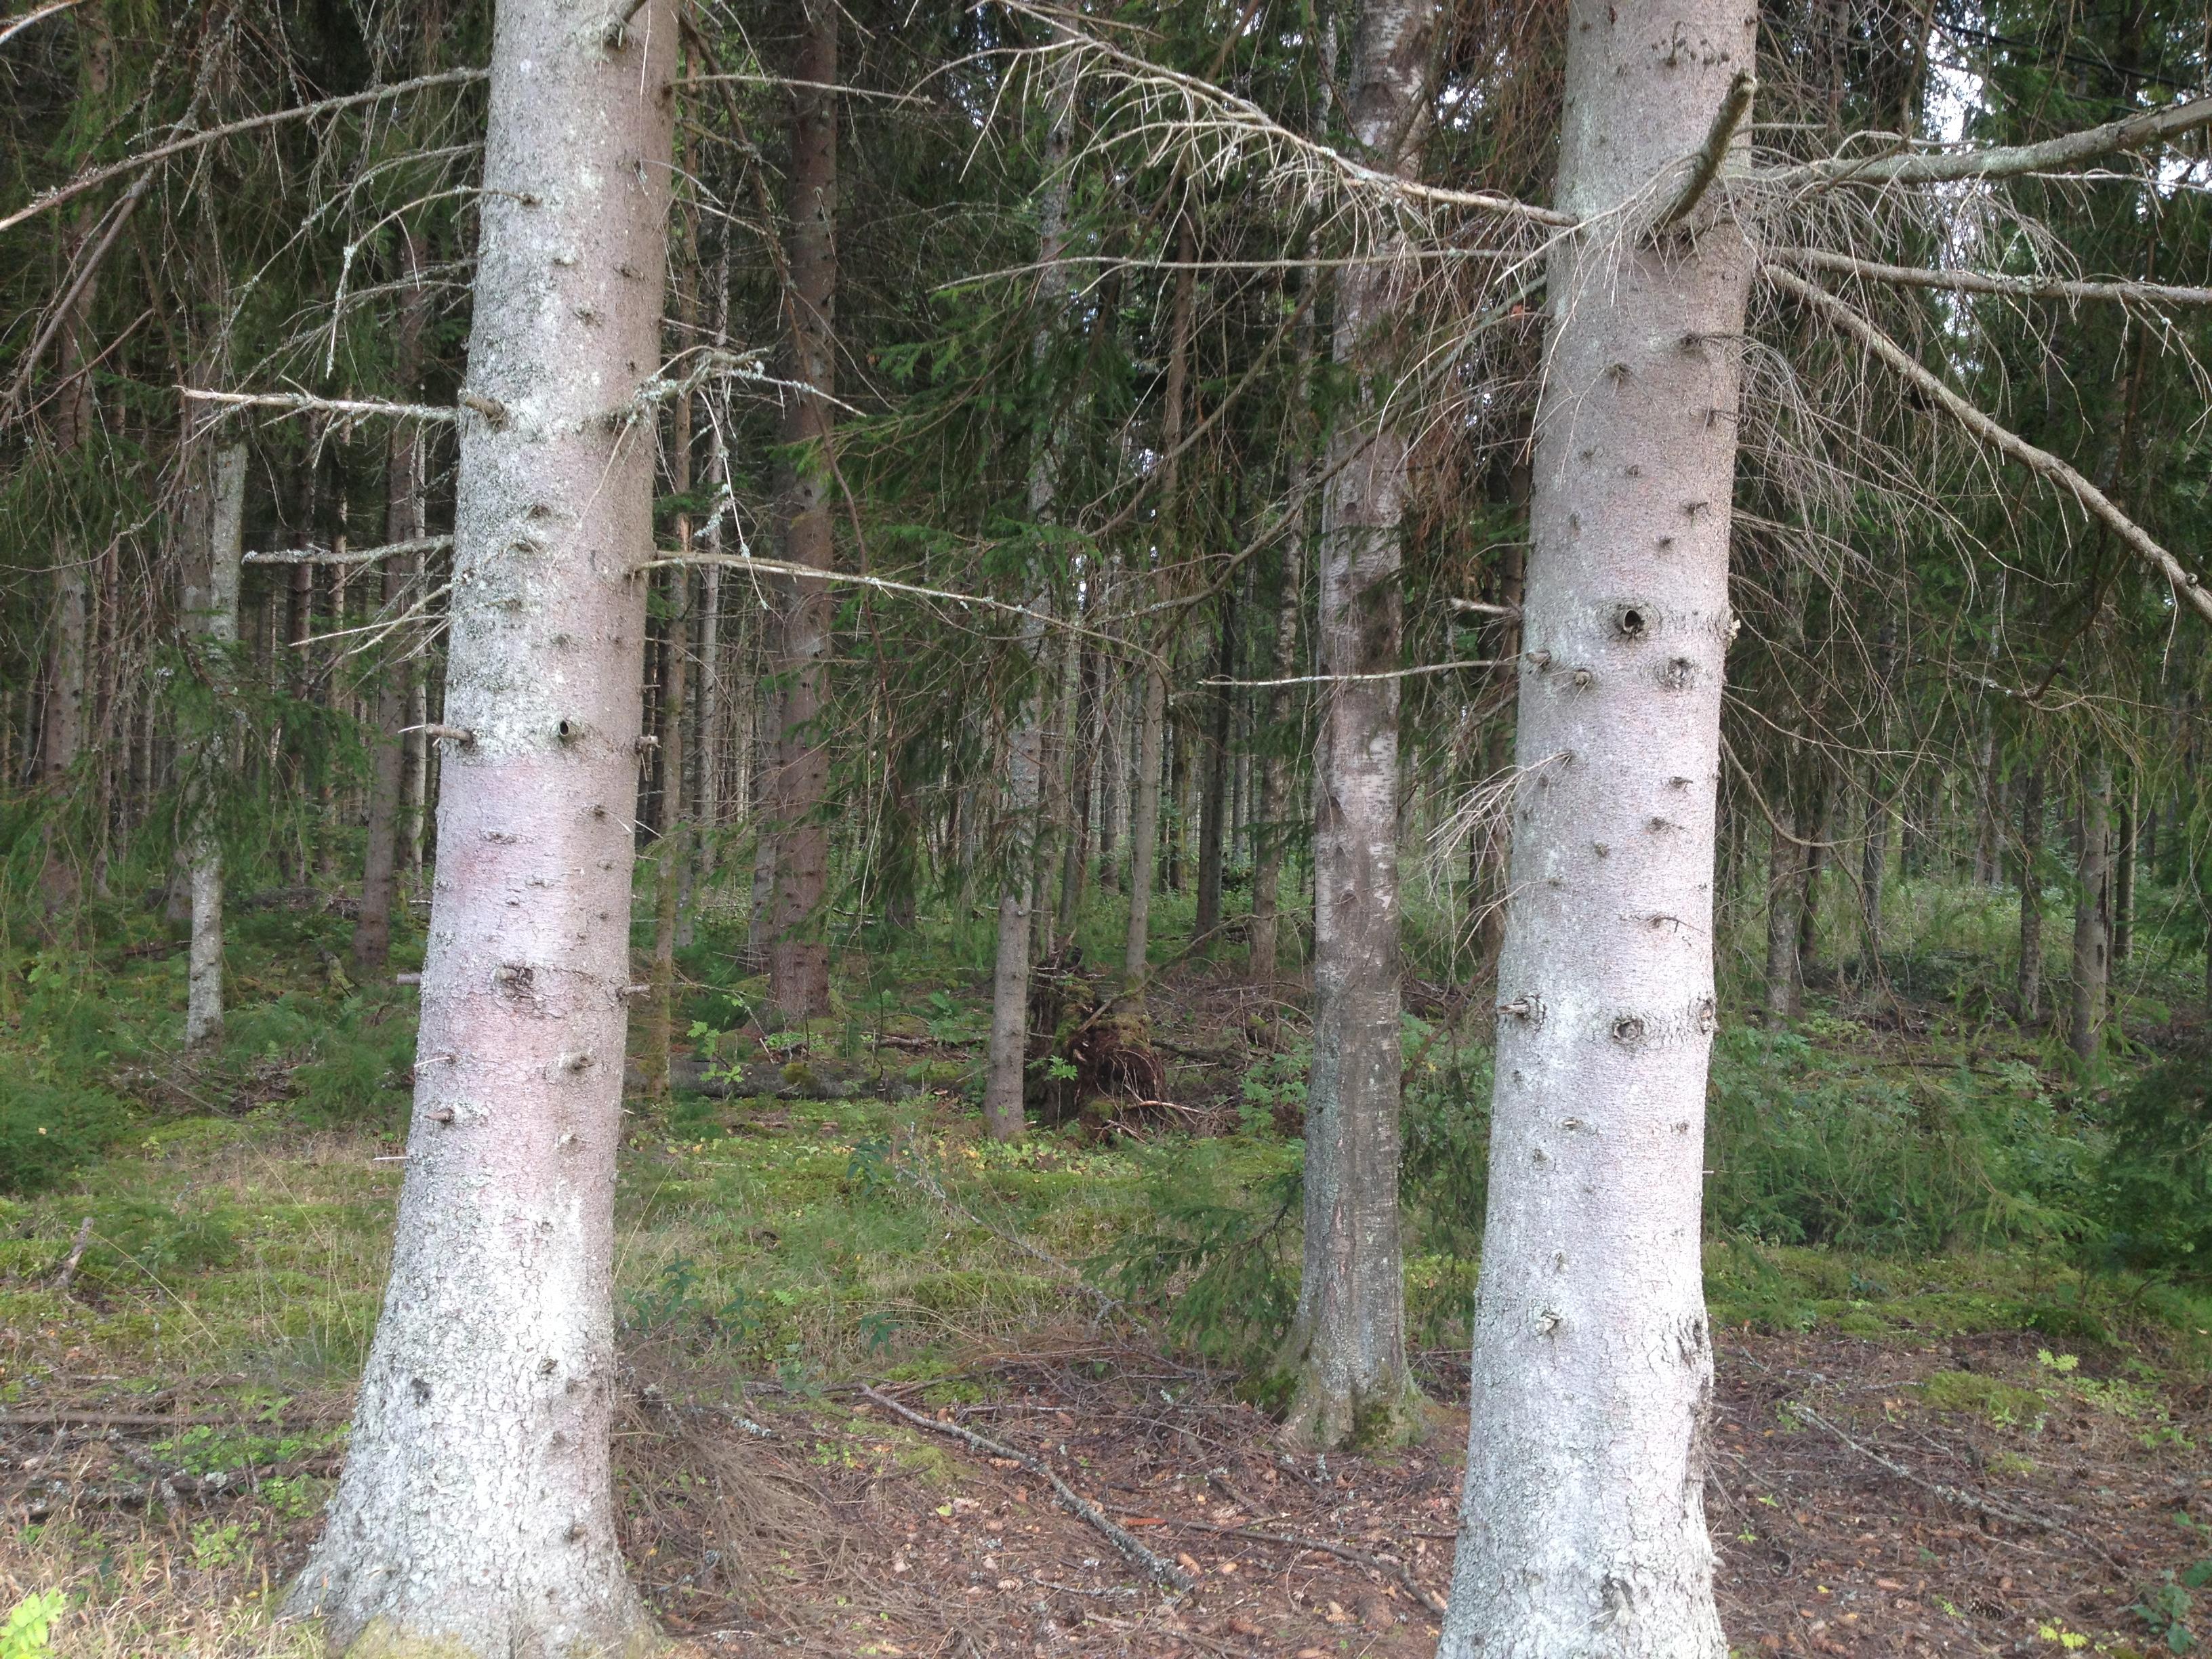 Livet flyter på, men ibland ser man inte skogen för alla träd...  Man måste se det viktiga i livet...